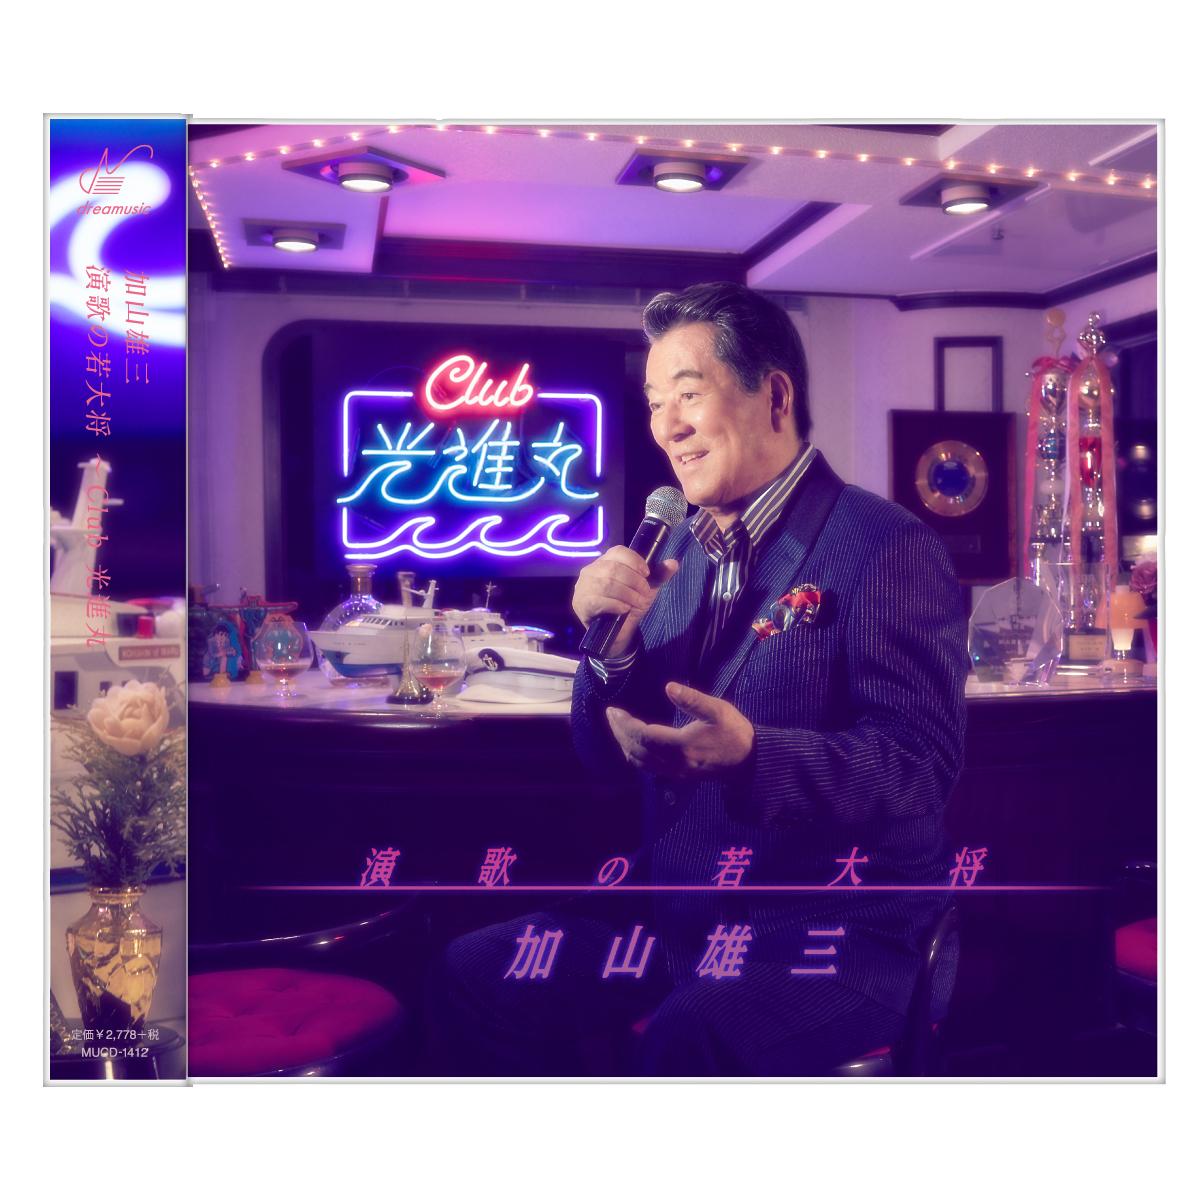 加山雄三「演歌の若大将 〜 Club光進丸」